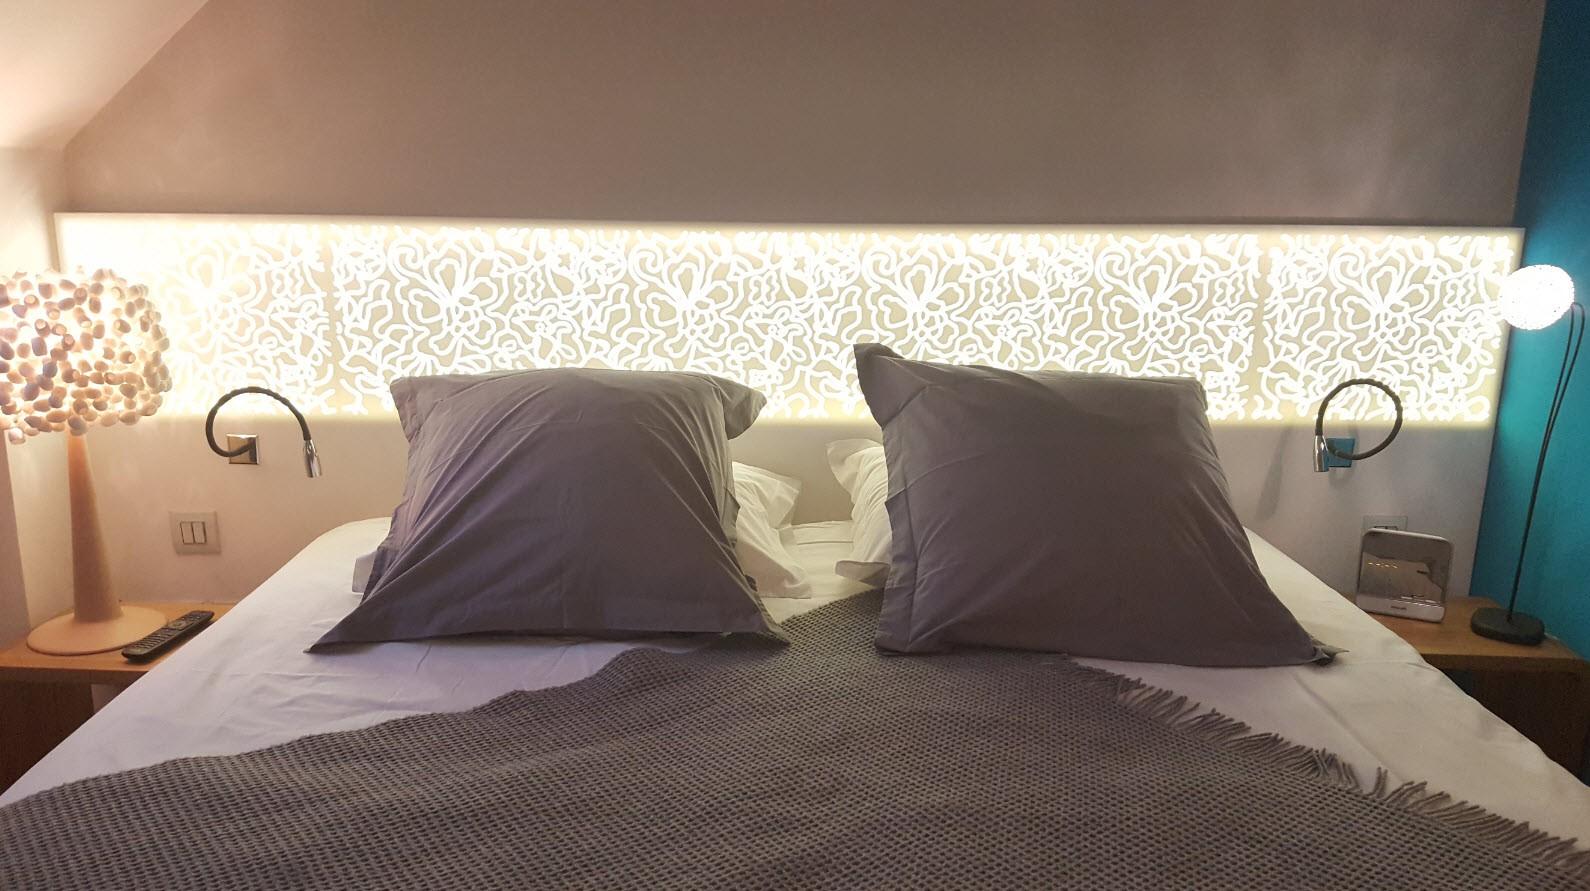 elegant h tel chavanel paris inspiration for travellers. Black Bedroom Furniture Sets. Home Design Ideas